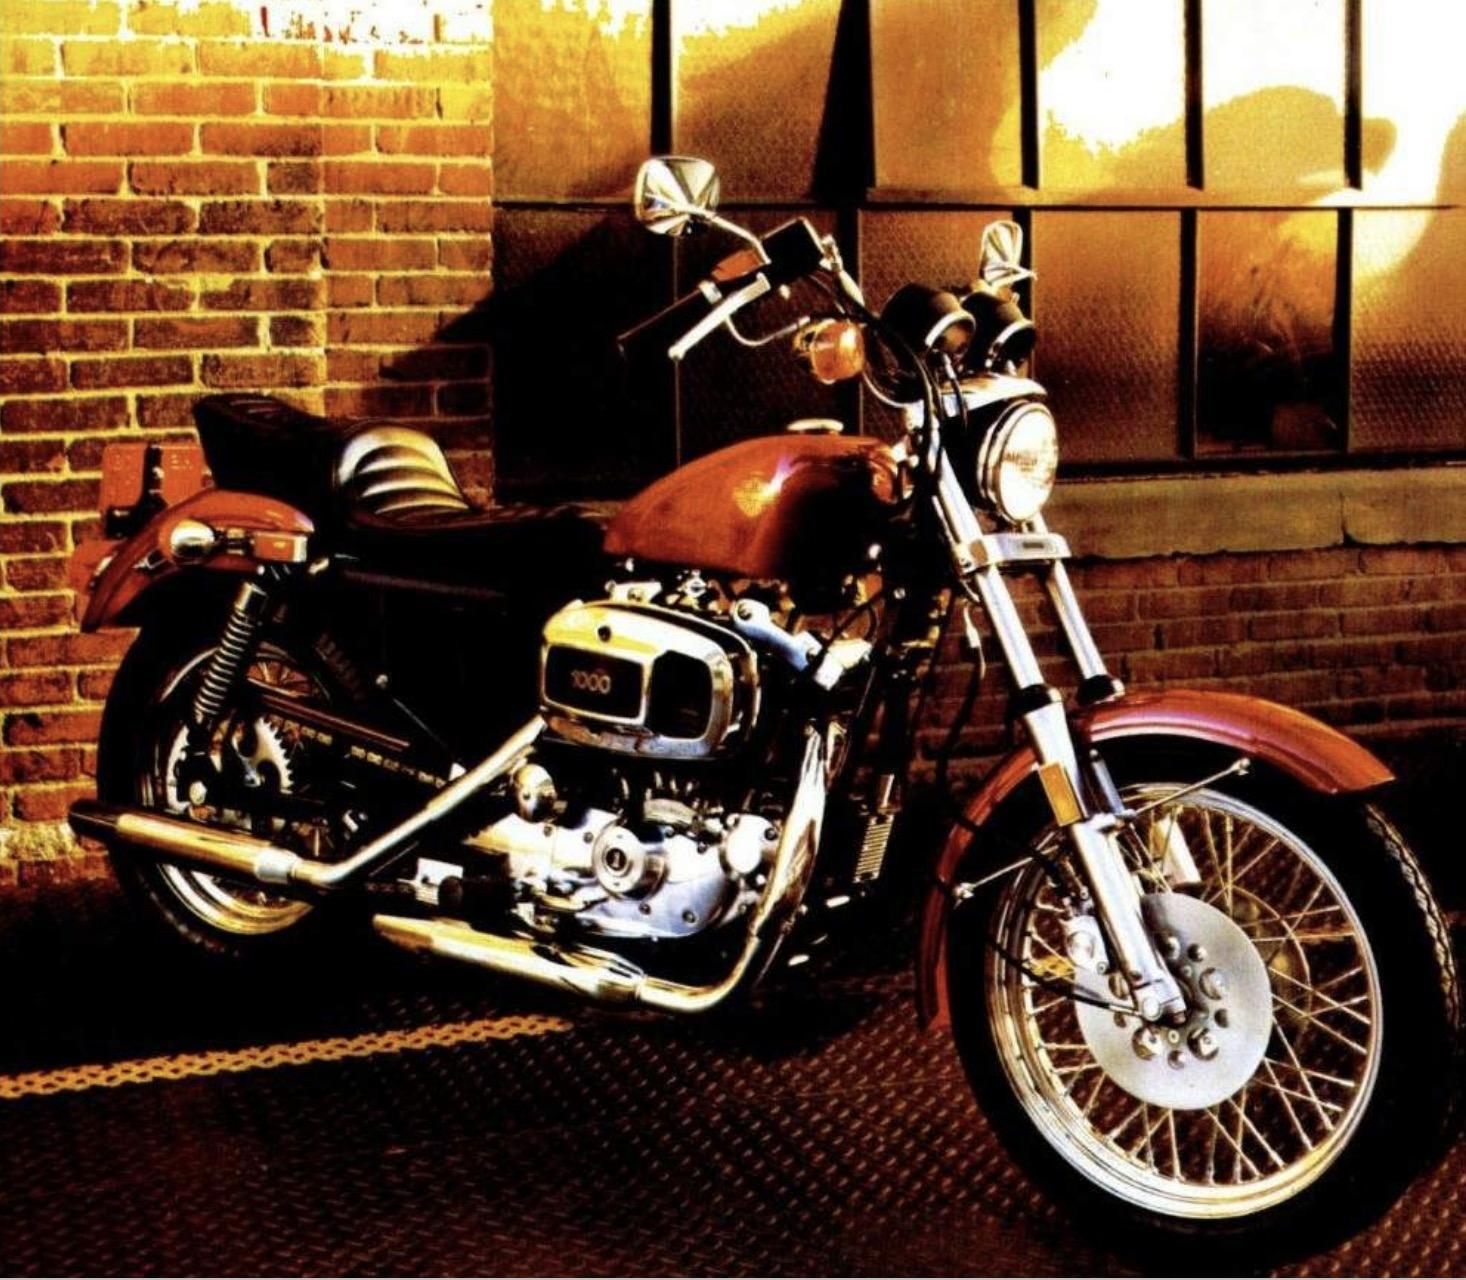 Modelo XLH-1000 de 1980